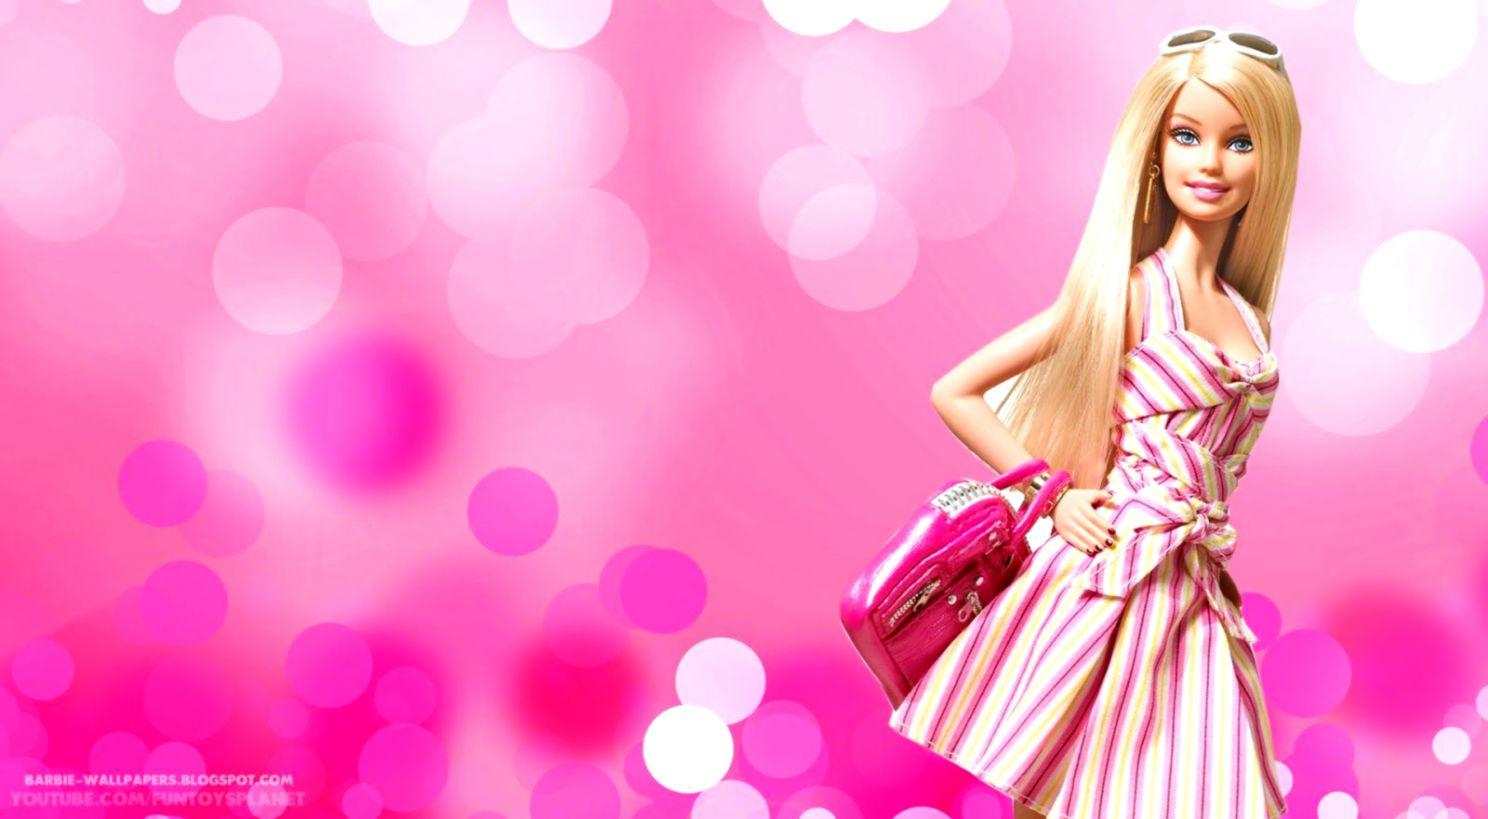 Download Filme Barbie 2021 Qualidade Hd